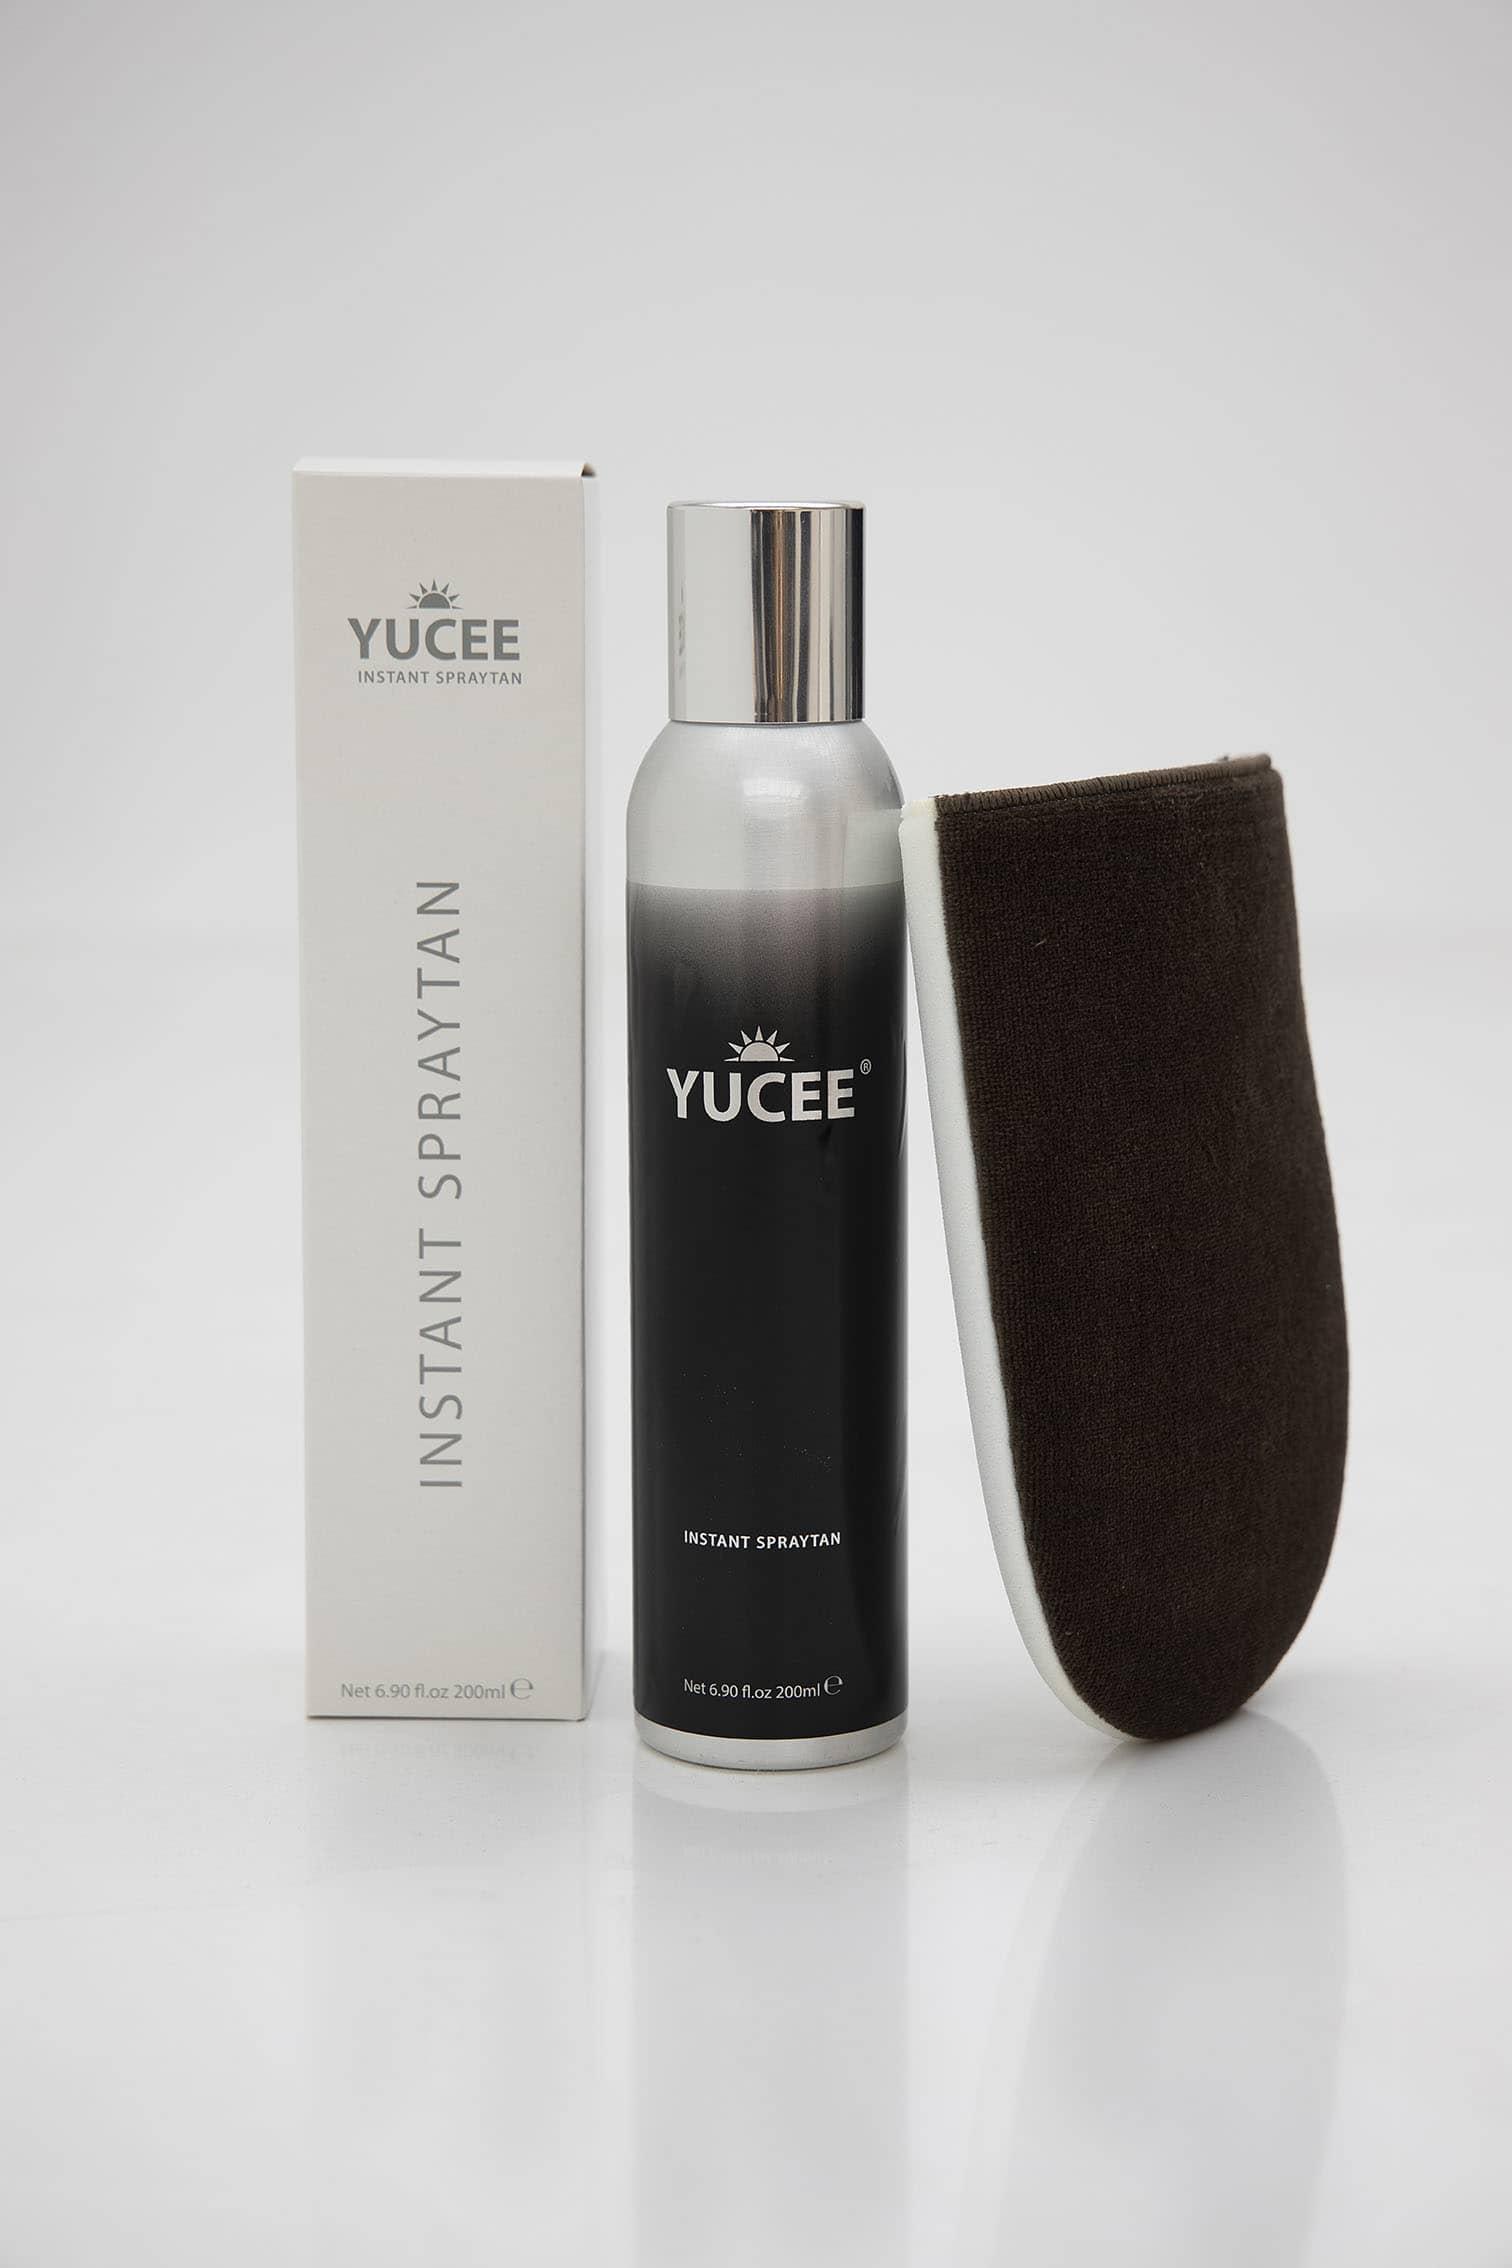 Yucee Zelfbruinspray met Tanning Glove